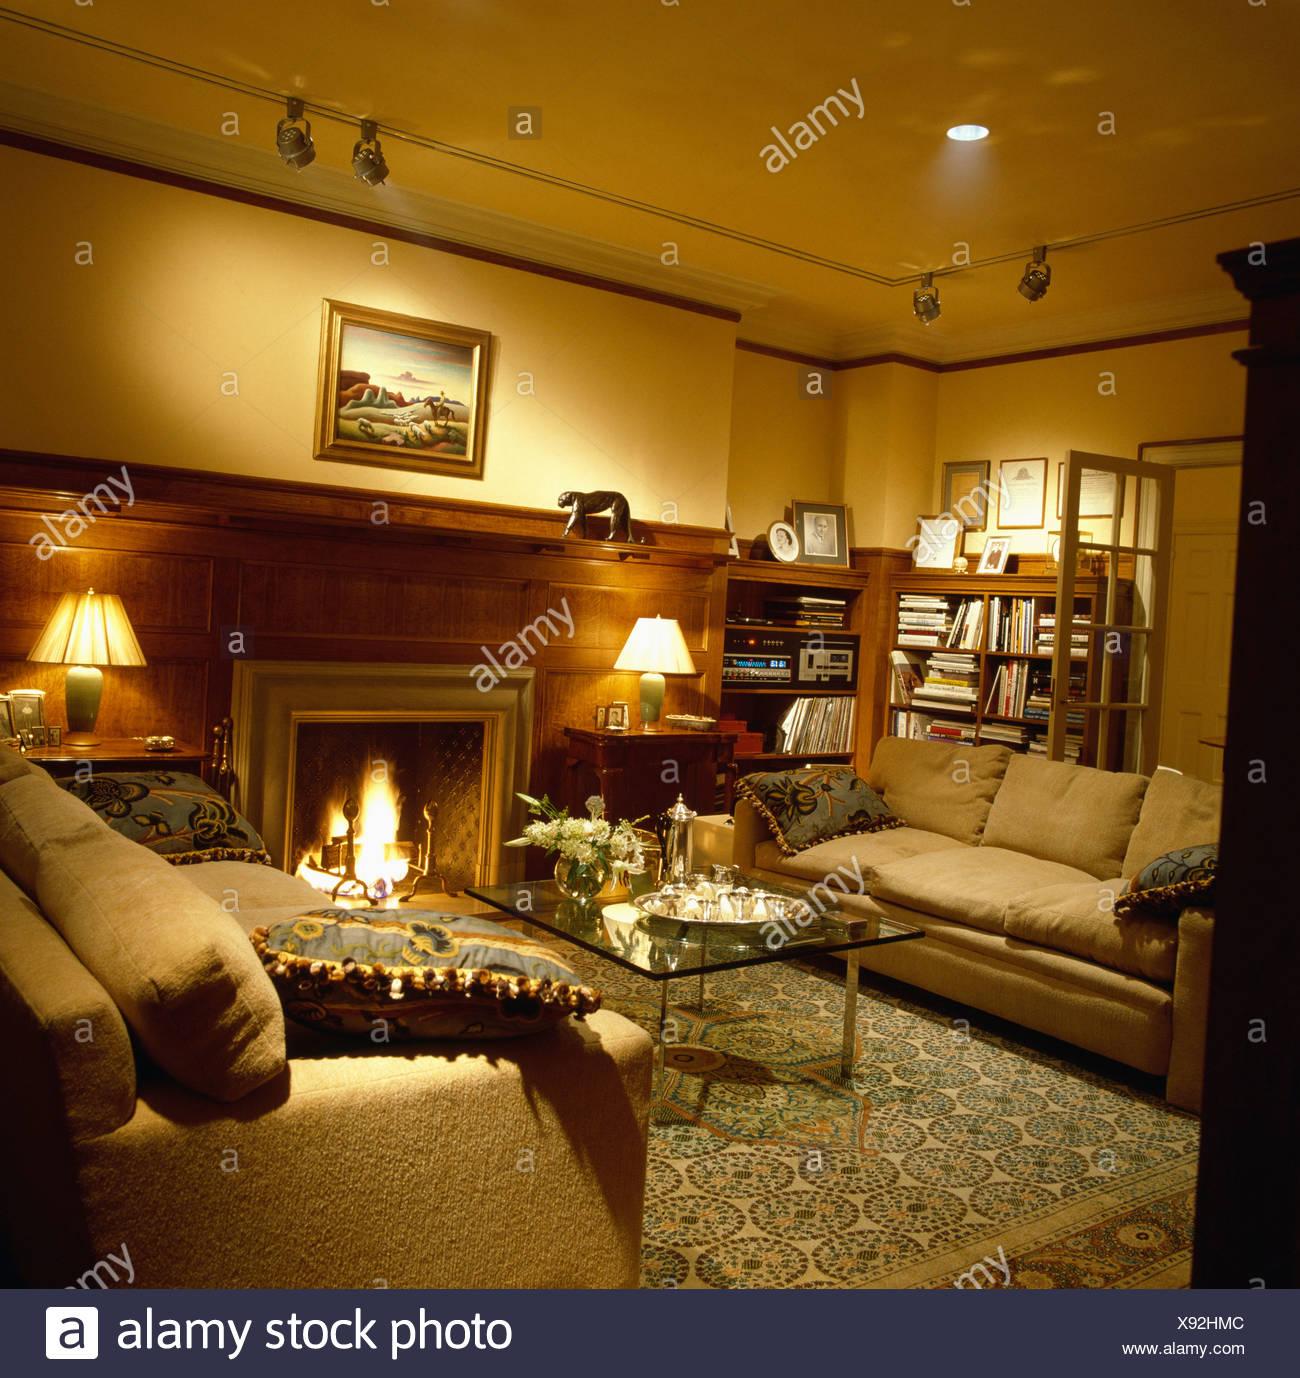 Gemütliches Wohnzimmer mit brennenden Lampen und beigefarbenen Sofas ...